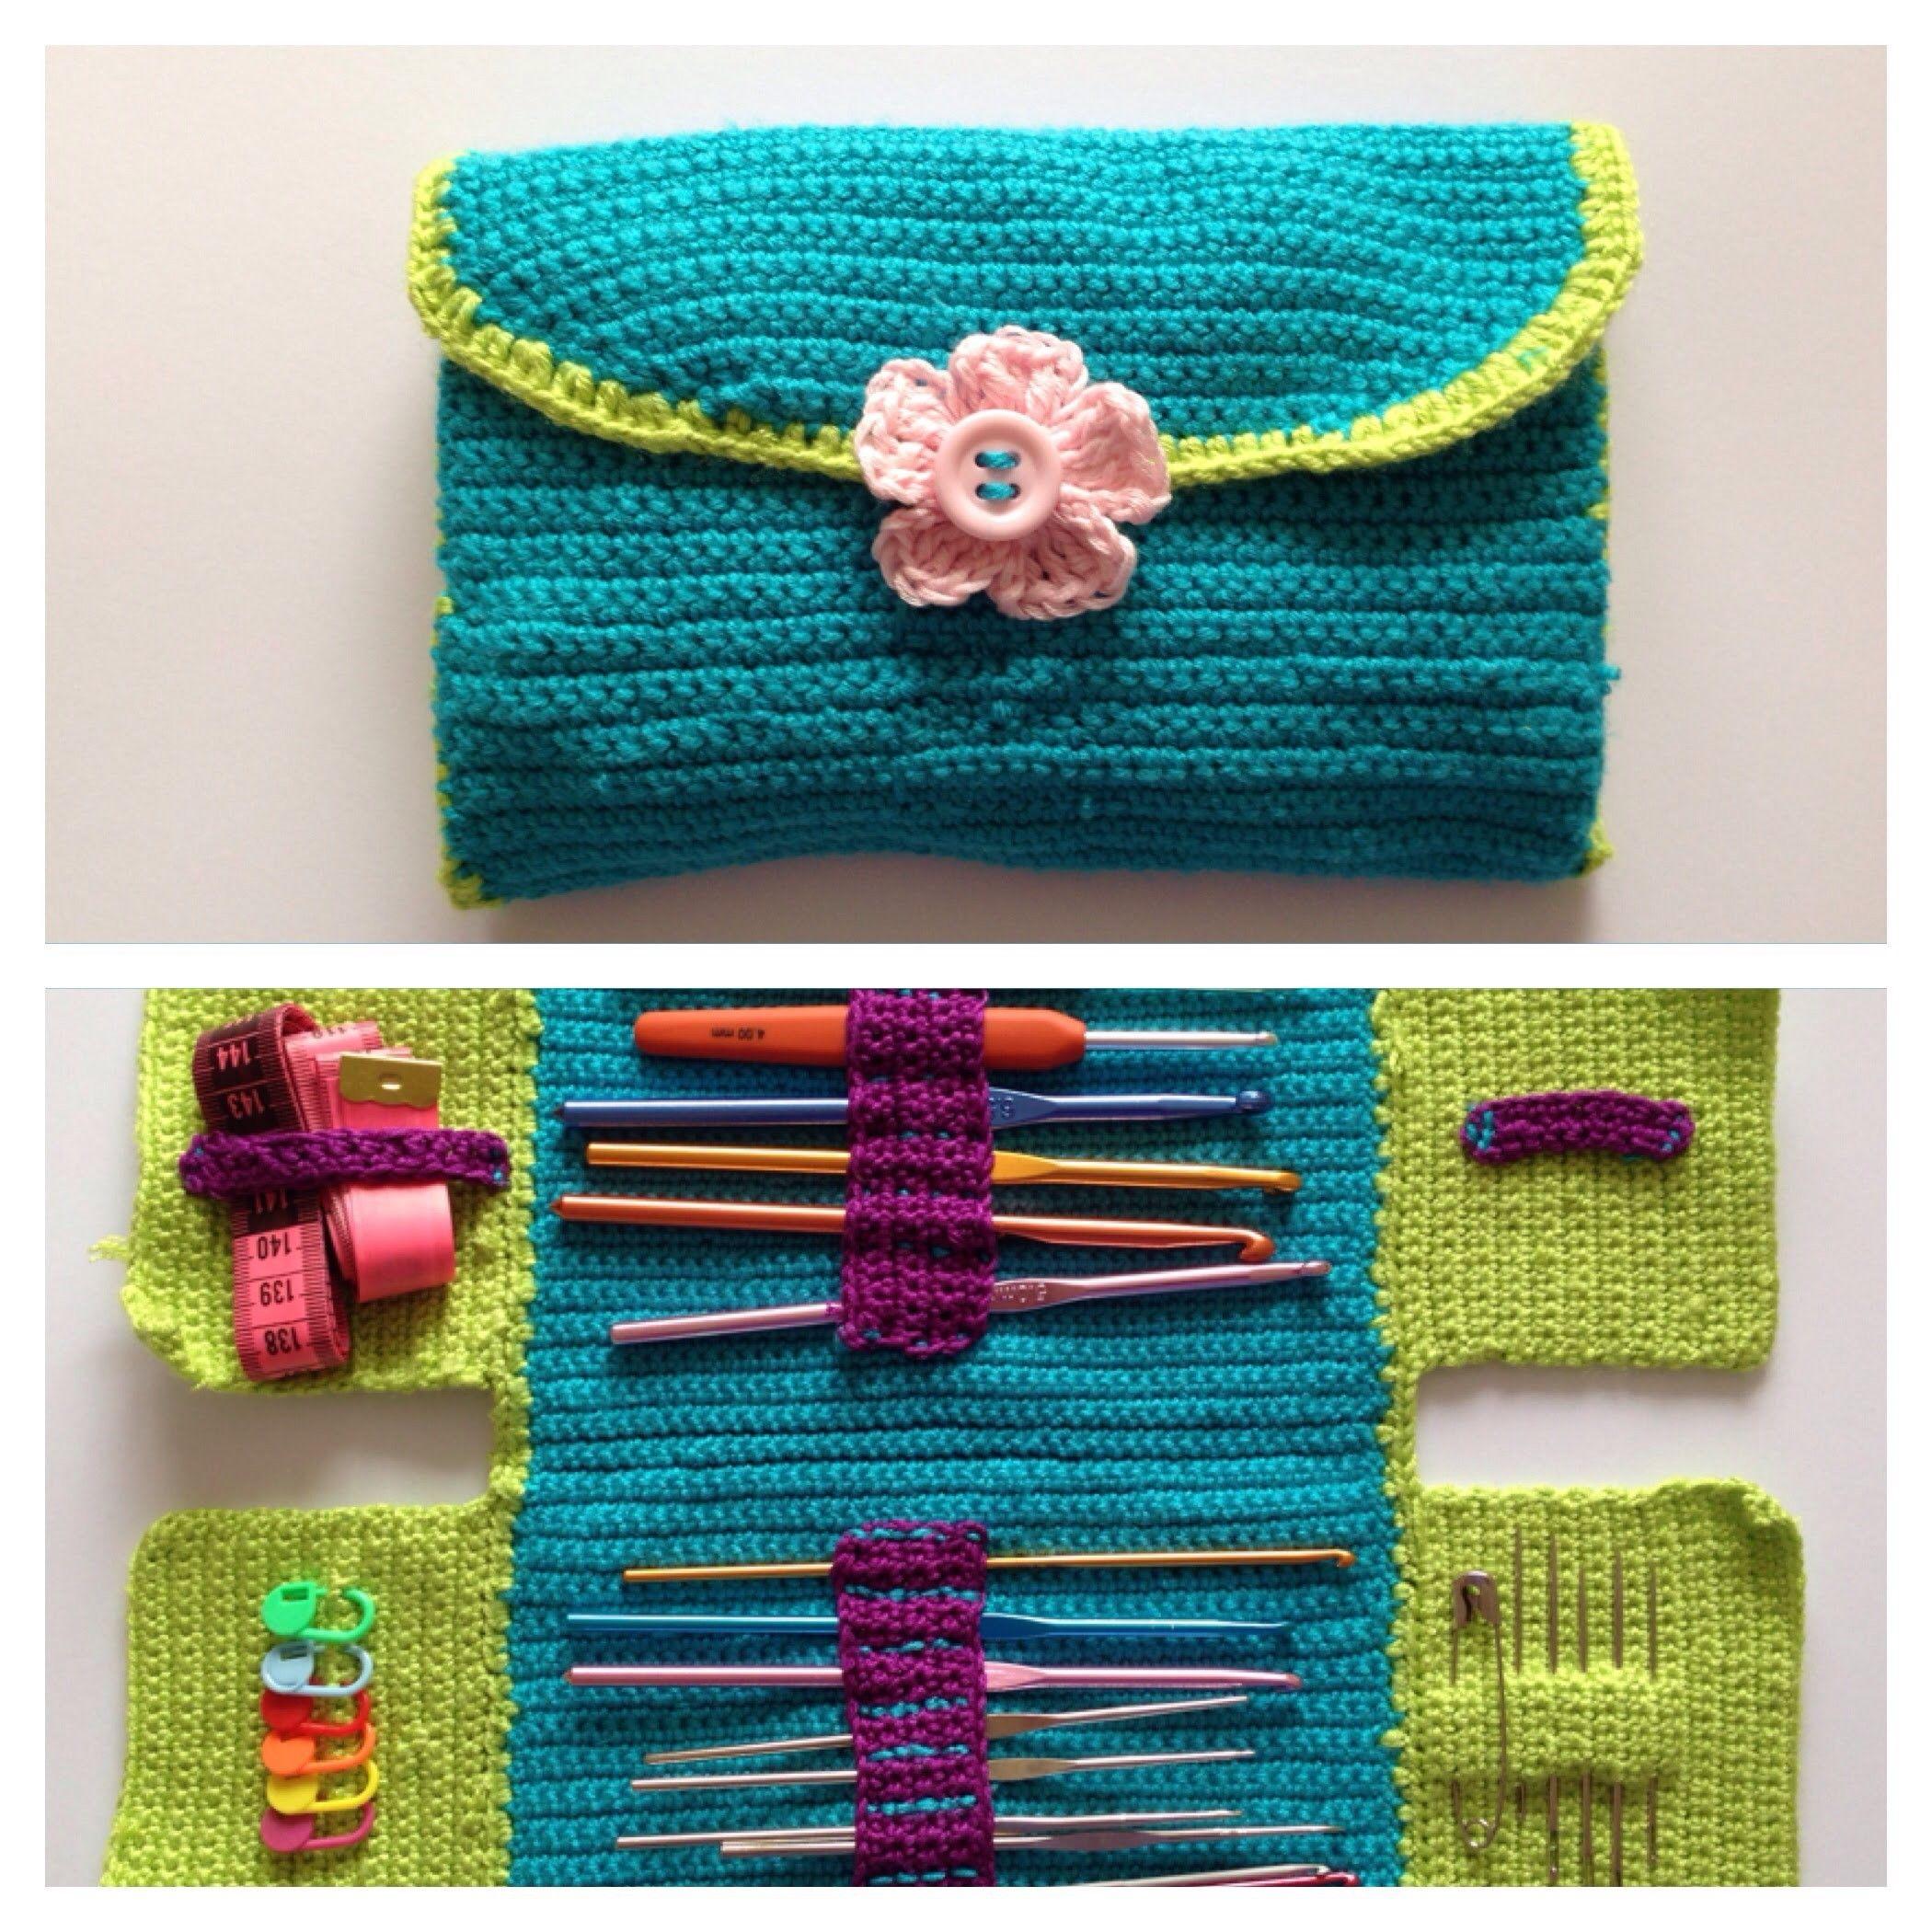 How to crochet hook case | Tasche häkeln, Häkeln und Zubehör